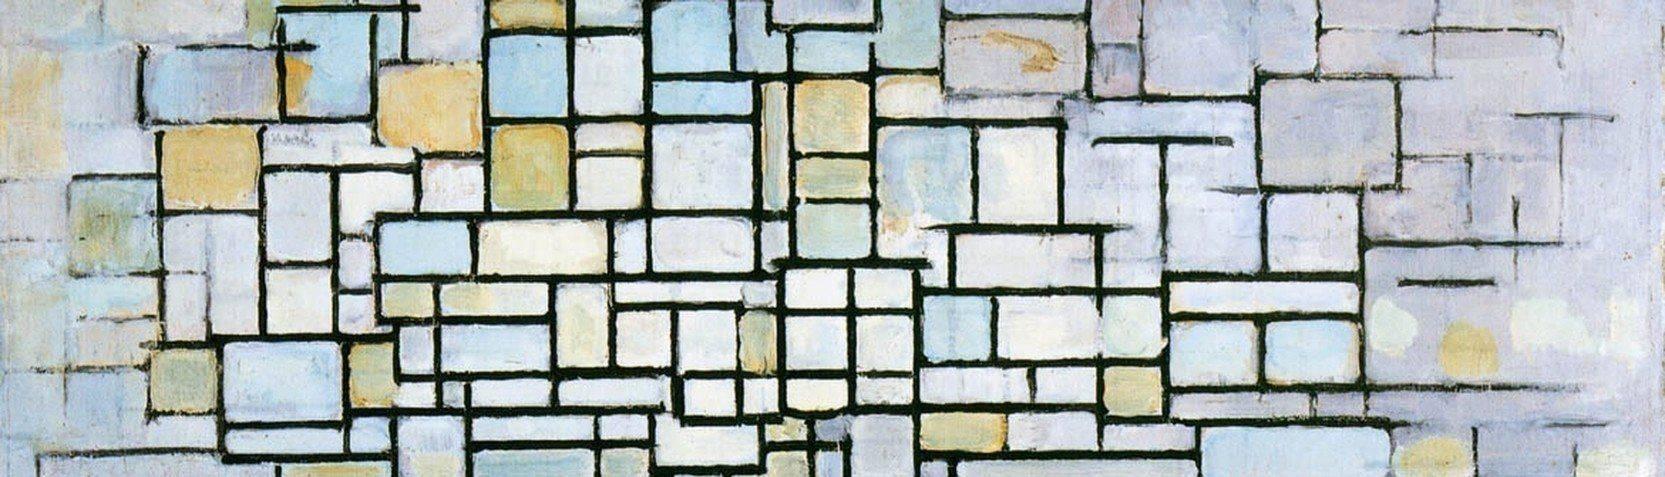 Künstler A-Z - Piet Mondrian